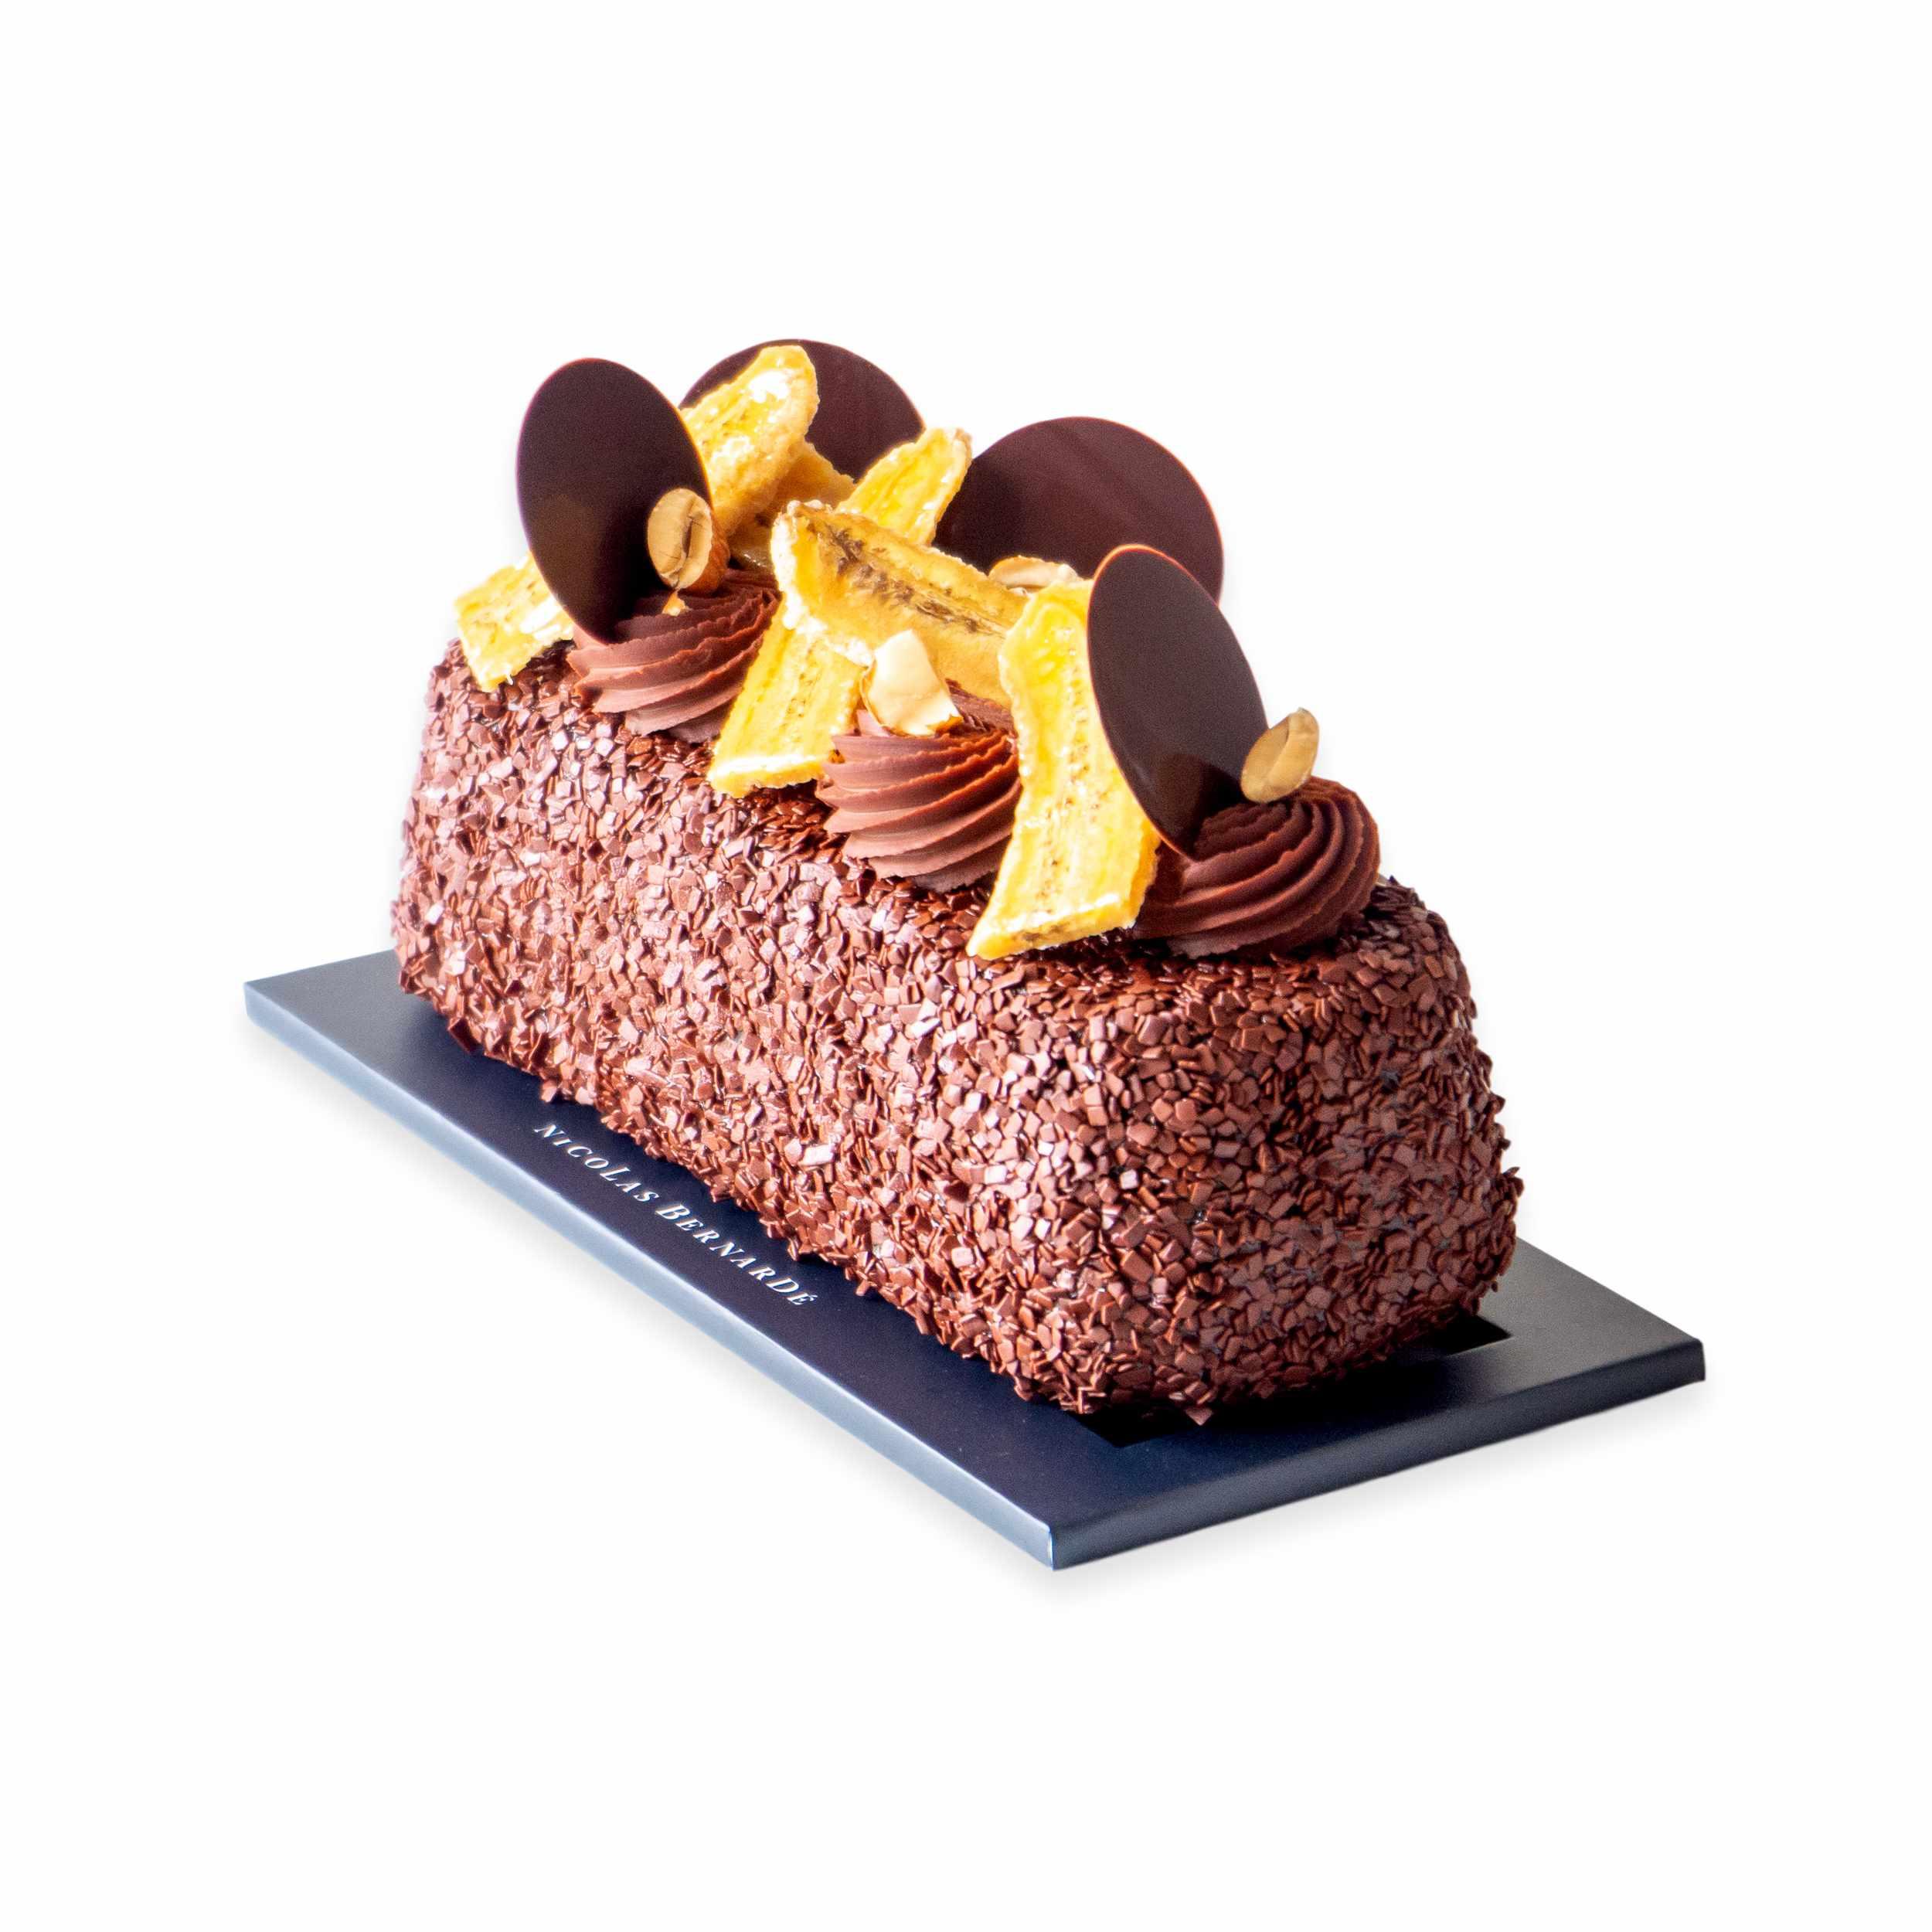 Cake-chocolat-banane